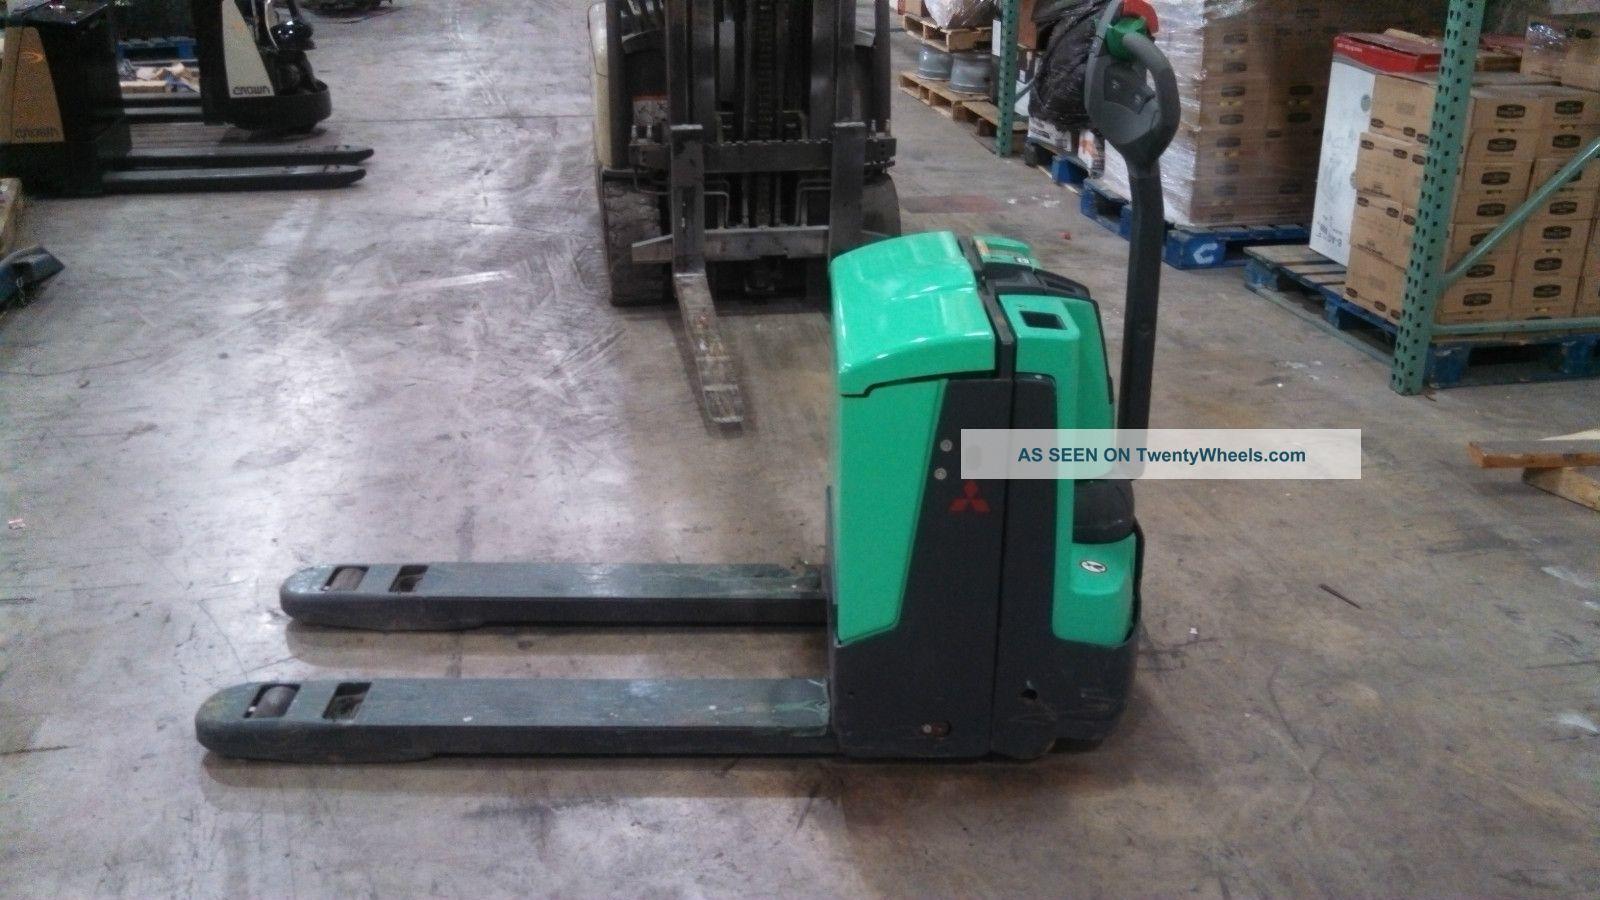 2011 Mitsubishi Electric Pallet Jack Forklift 24v Forklifts & Other Lifts photo